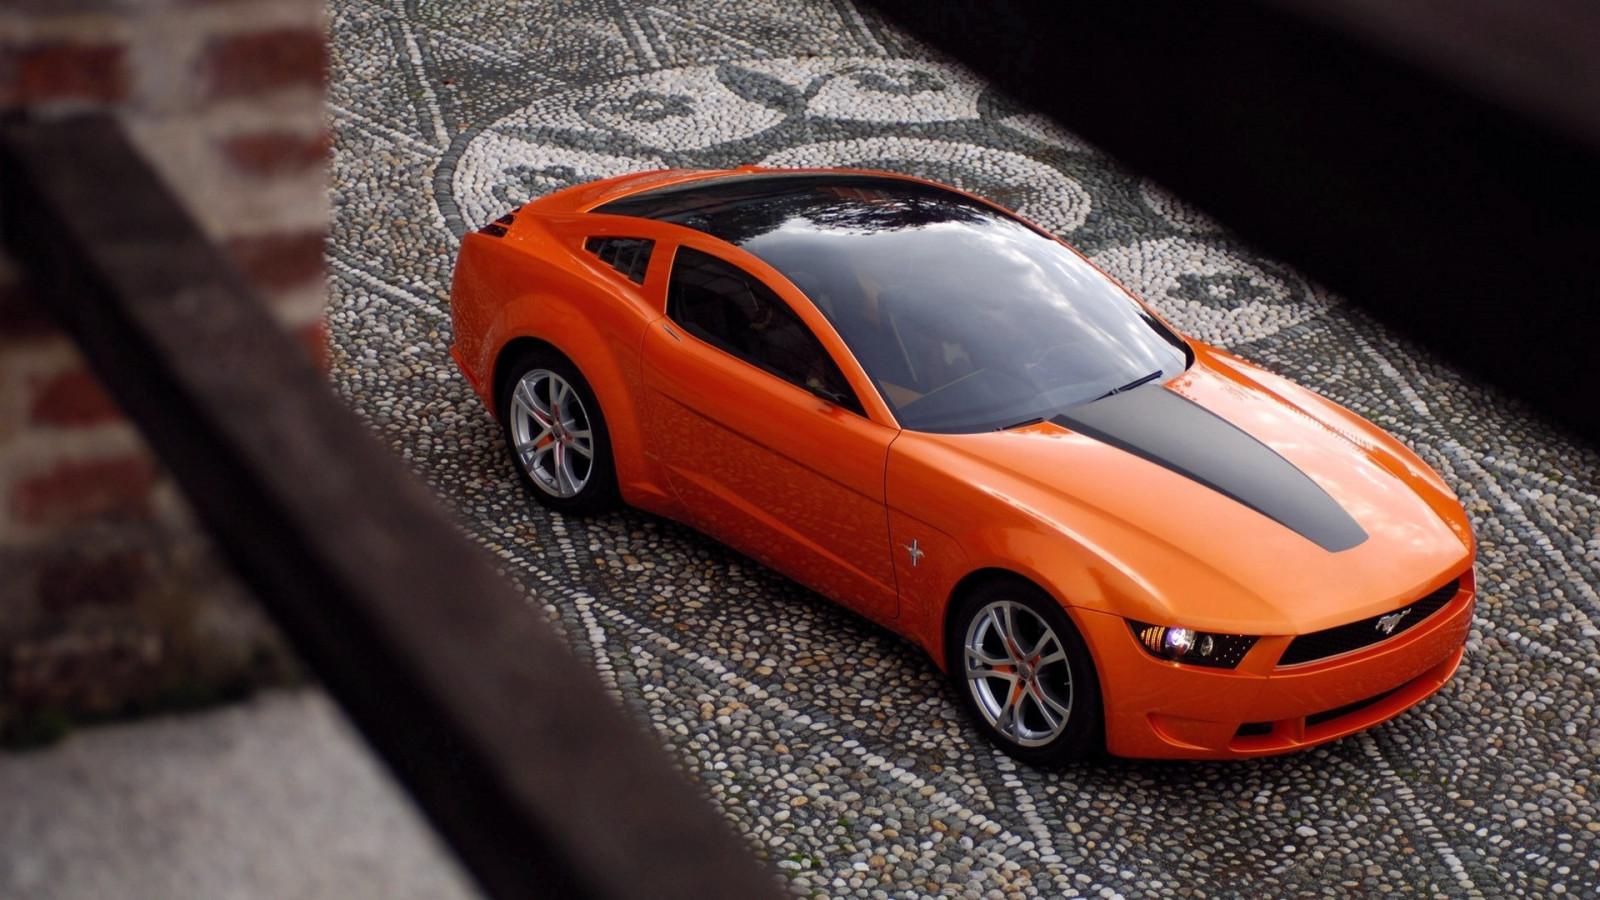 оранжевый форд мустанг #11